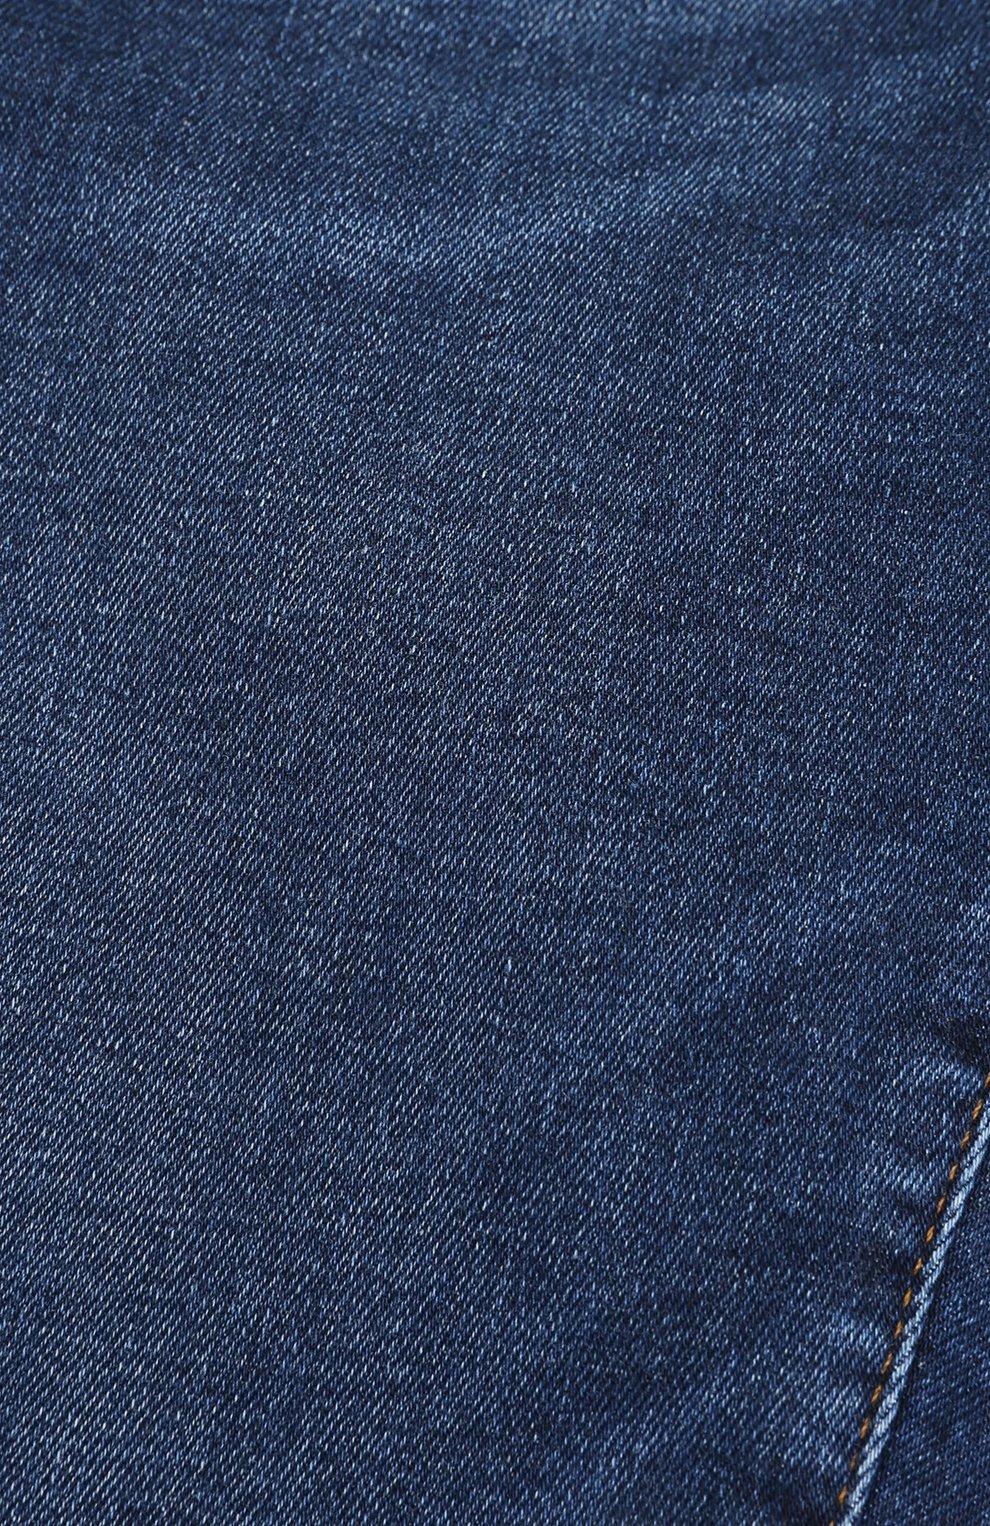 Джинсы с эластичными манжетами и нашивкой Dolce & Gabbana синего цвета | Фото №3